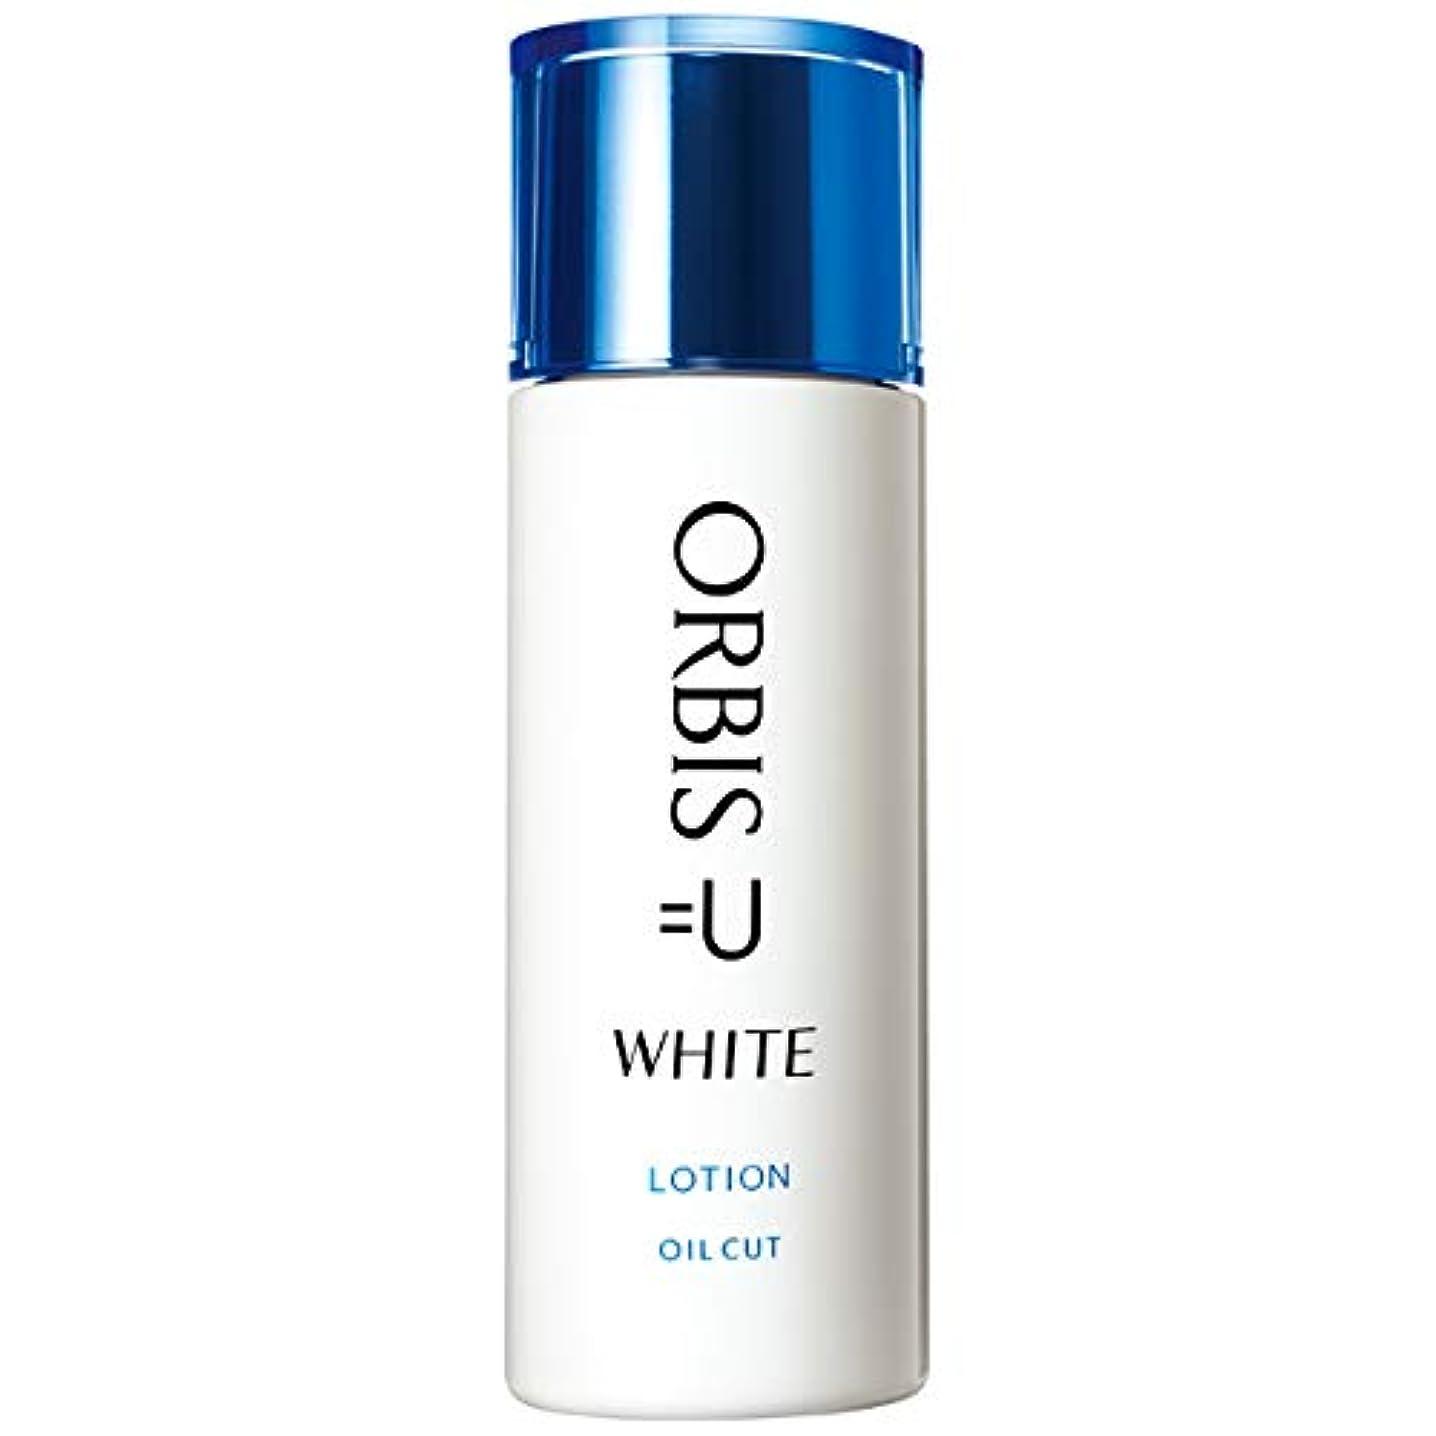 任意永続見落とすオルビス(ORBIS) オルビスユー ホワイト ローション 180mL 化粧水 [医薬部外品]